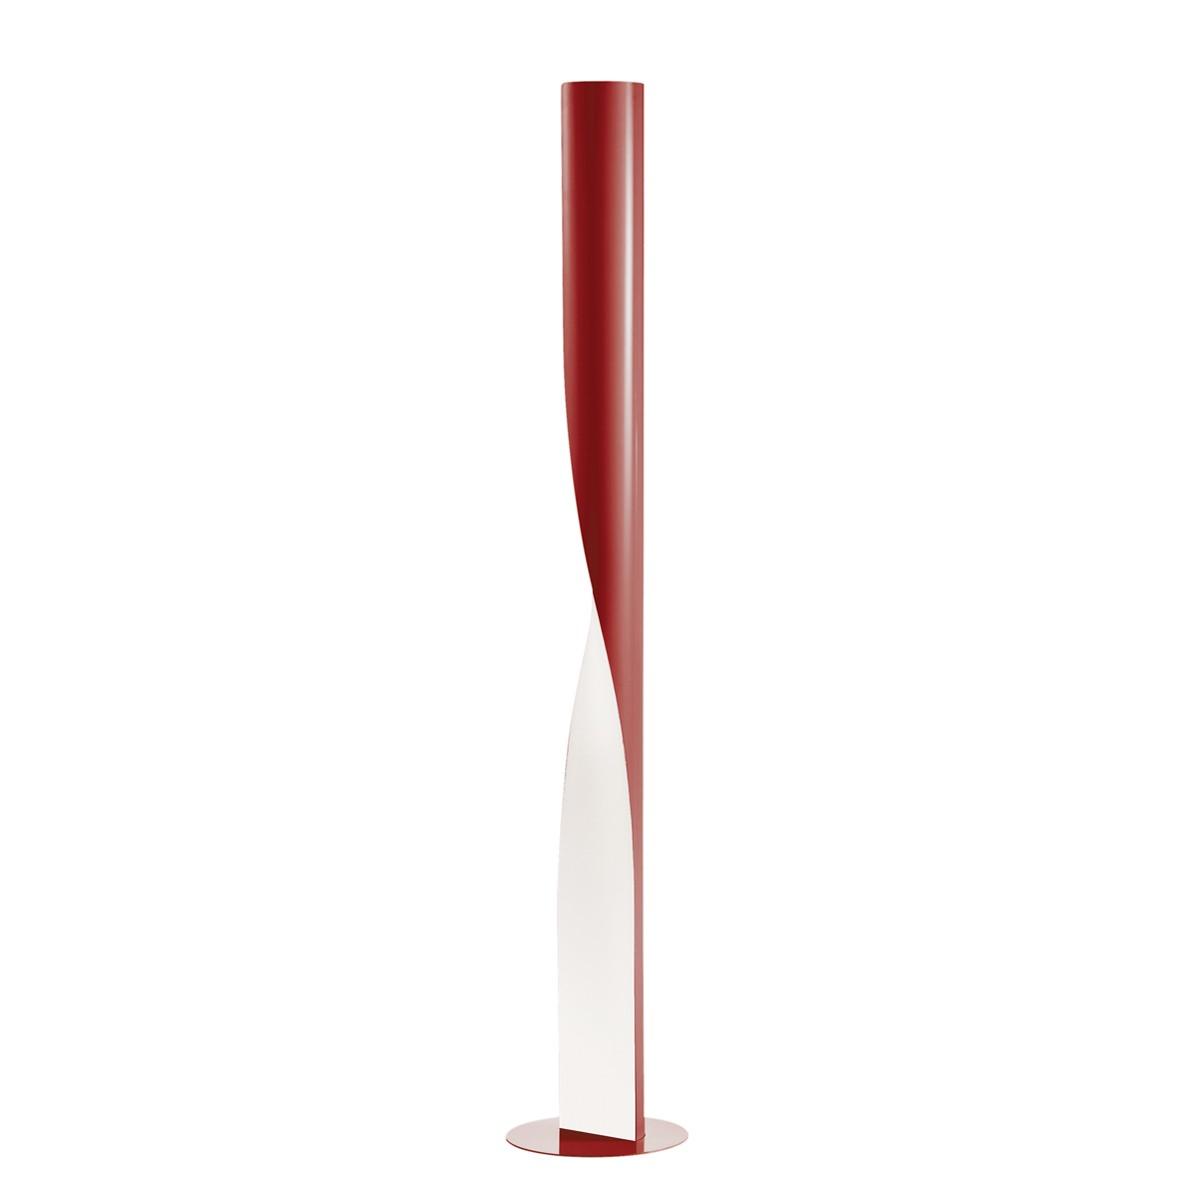 Kundalini Evita Stehleuchte, rot glänzend